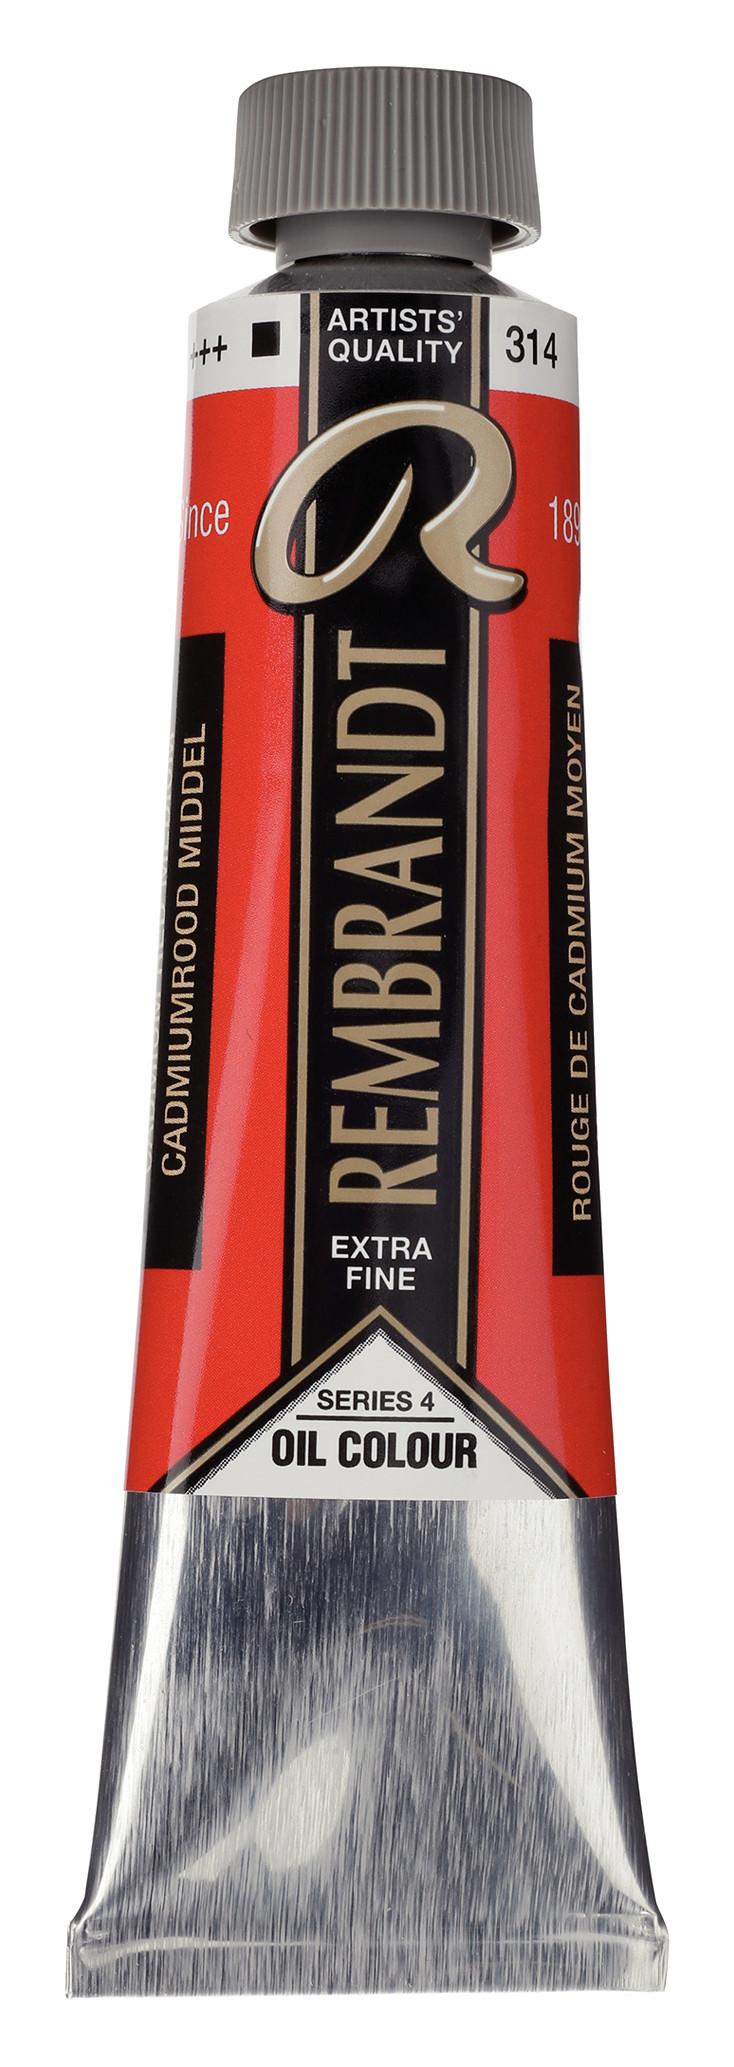 Rembrandt Oil colour Paint Cadmium Red Medium (314) 40ml Tube